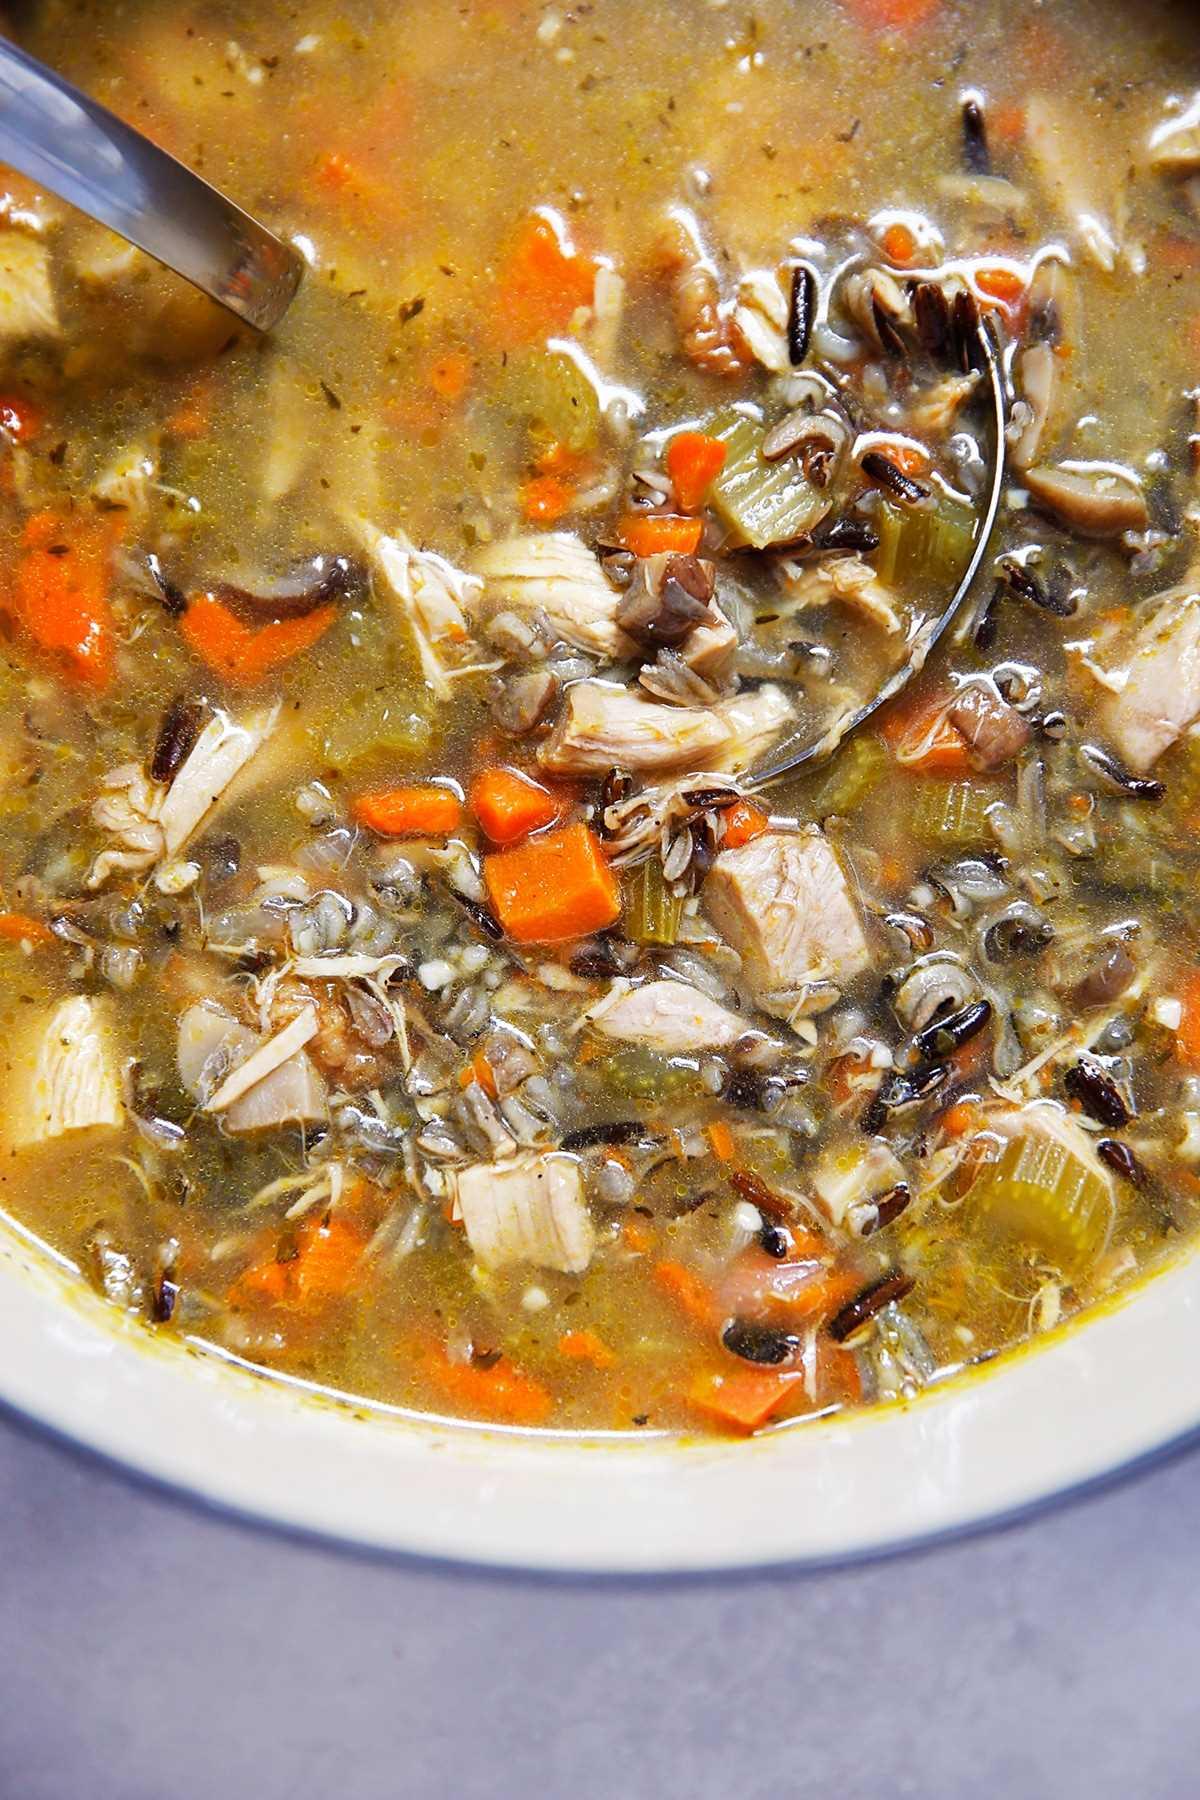 Restos de peru e sopa de arroz selvagem